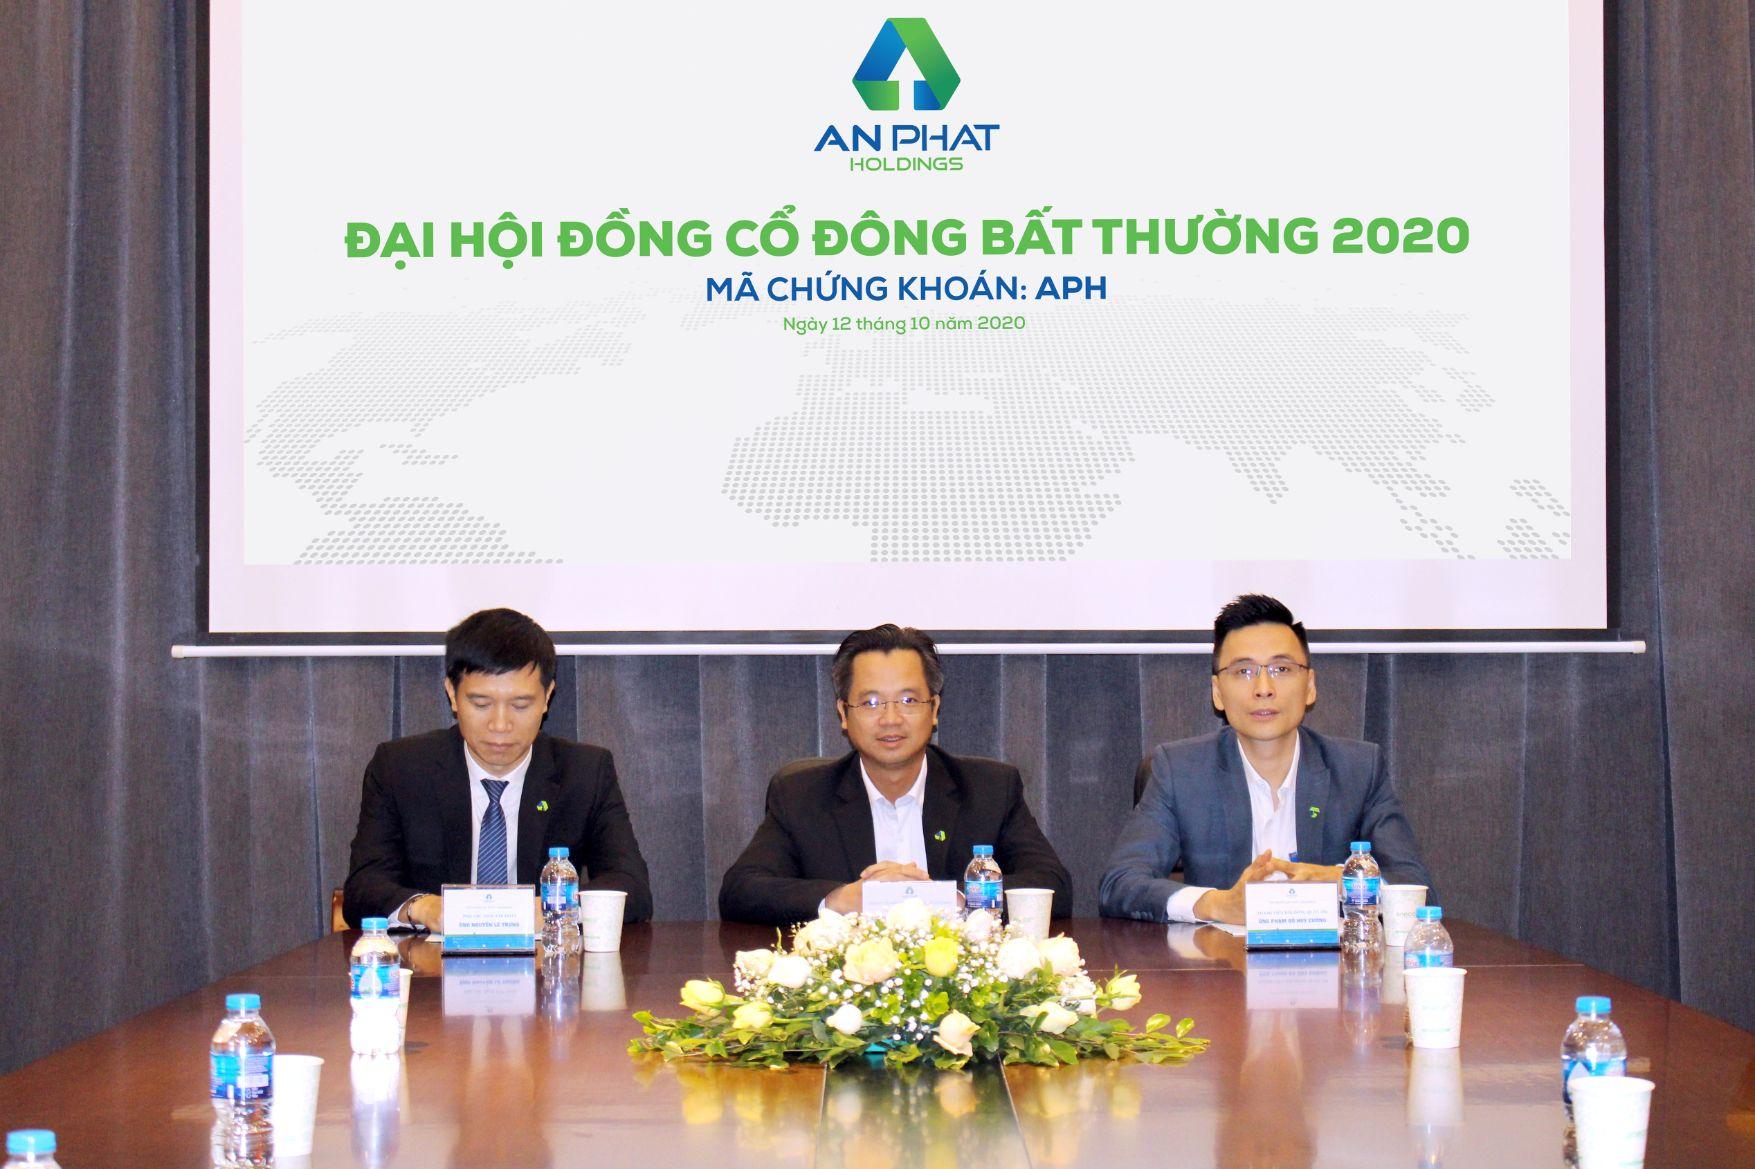 An Phát Holdings tổ chức thành công Đại hội đồng Cổ đông bất thường